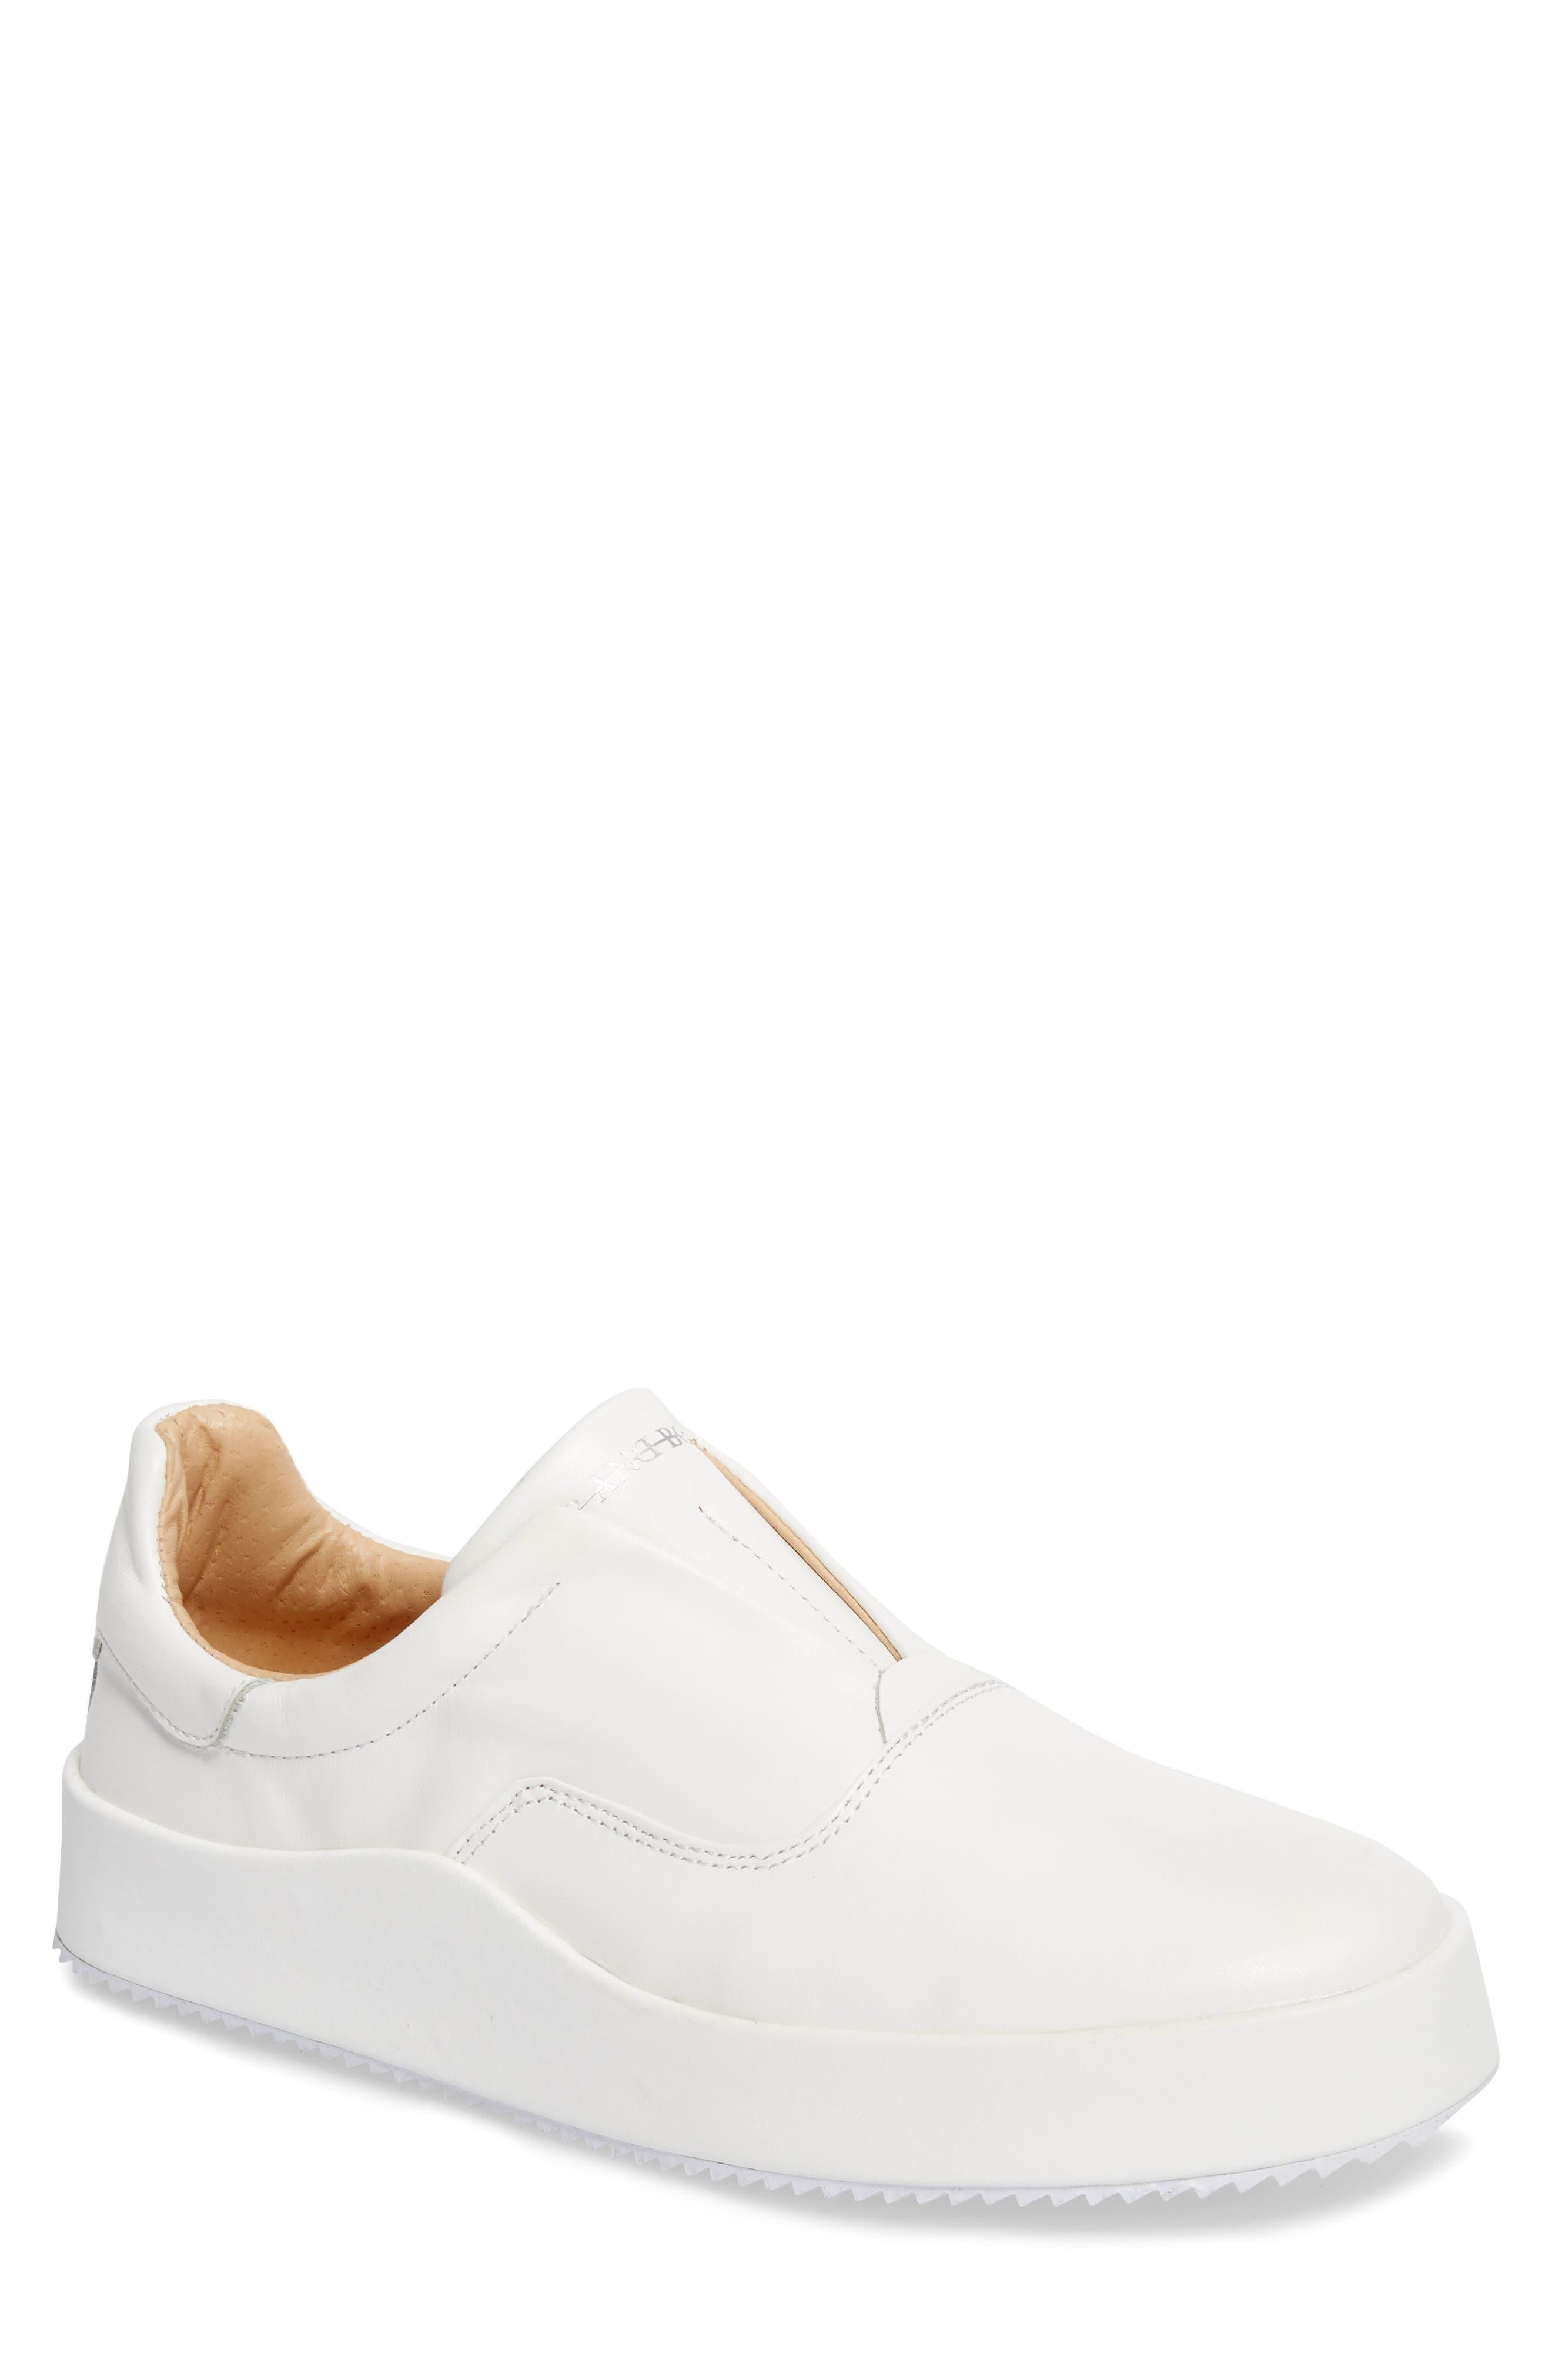 Hip & Bone Skater Slip-On Sneaker,                         Main,                         color, 100